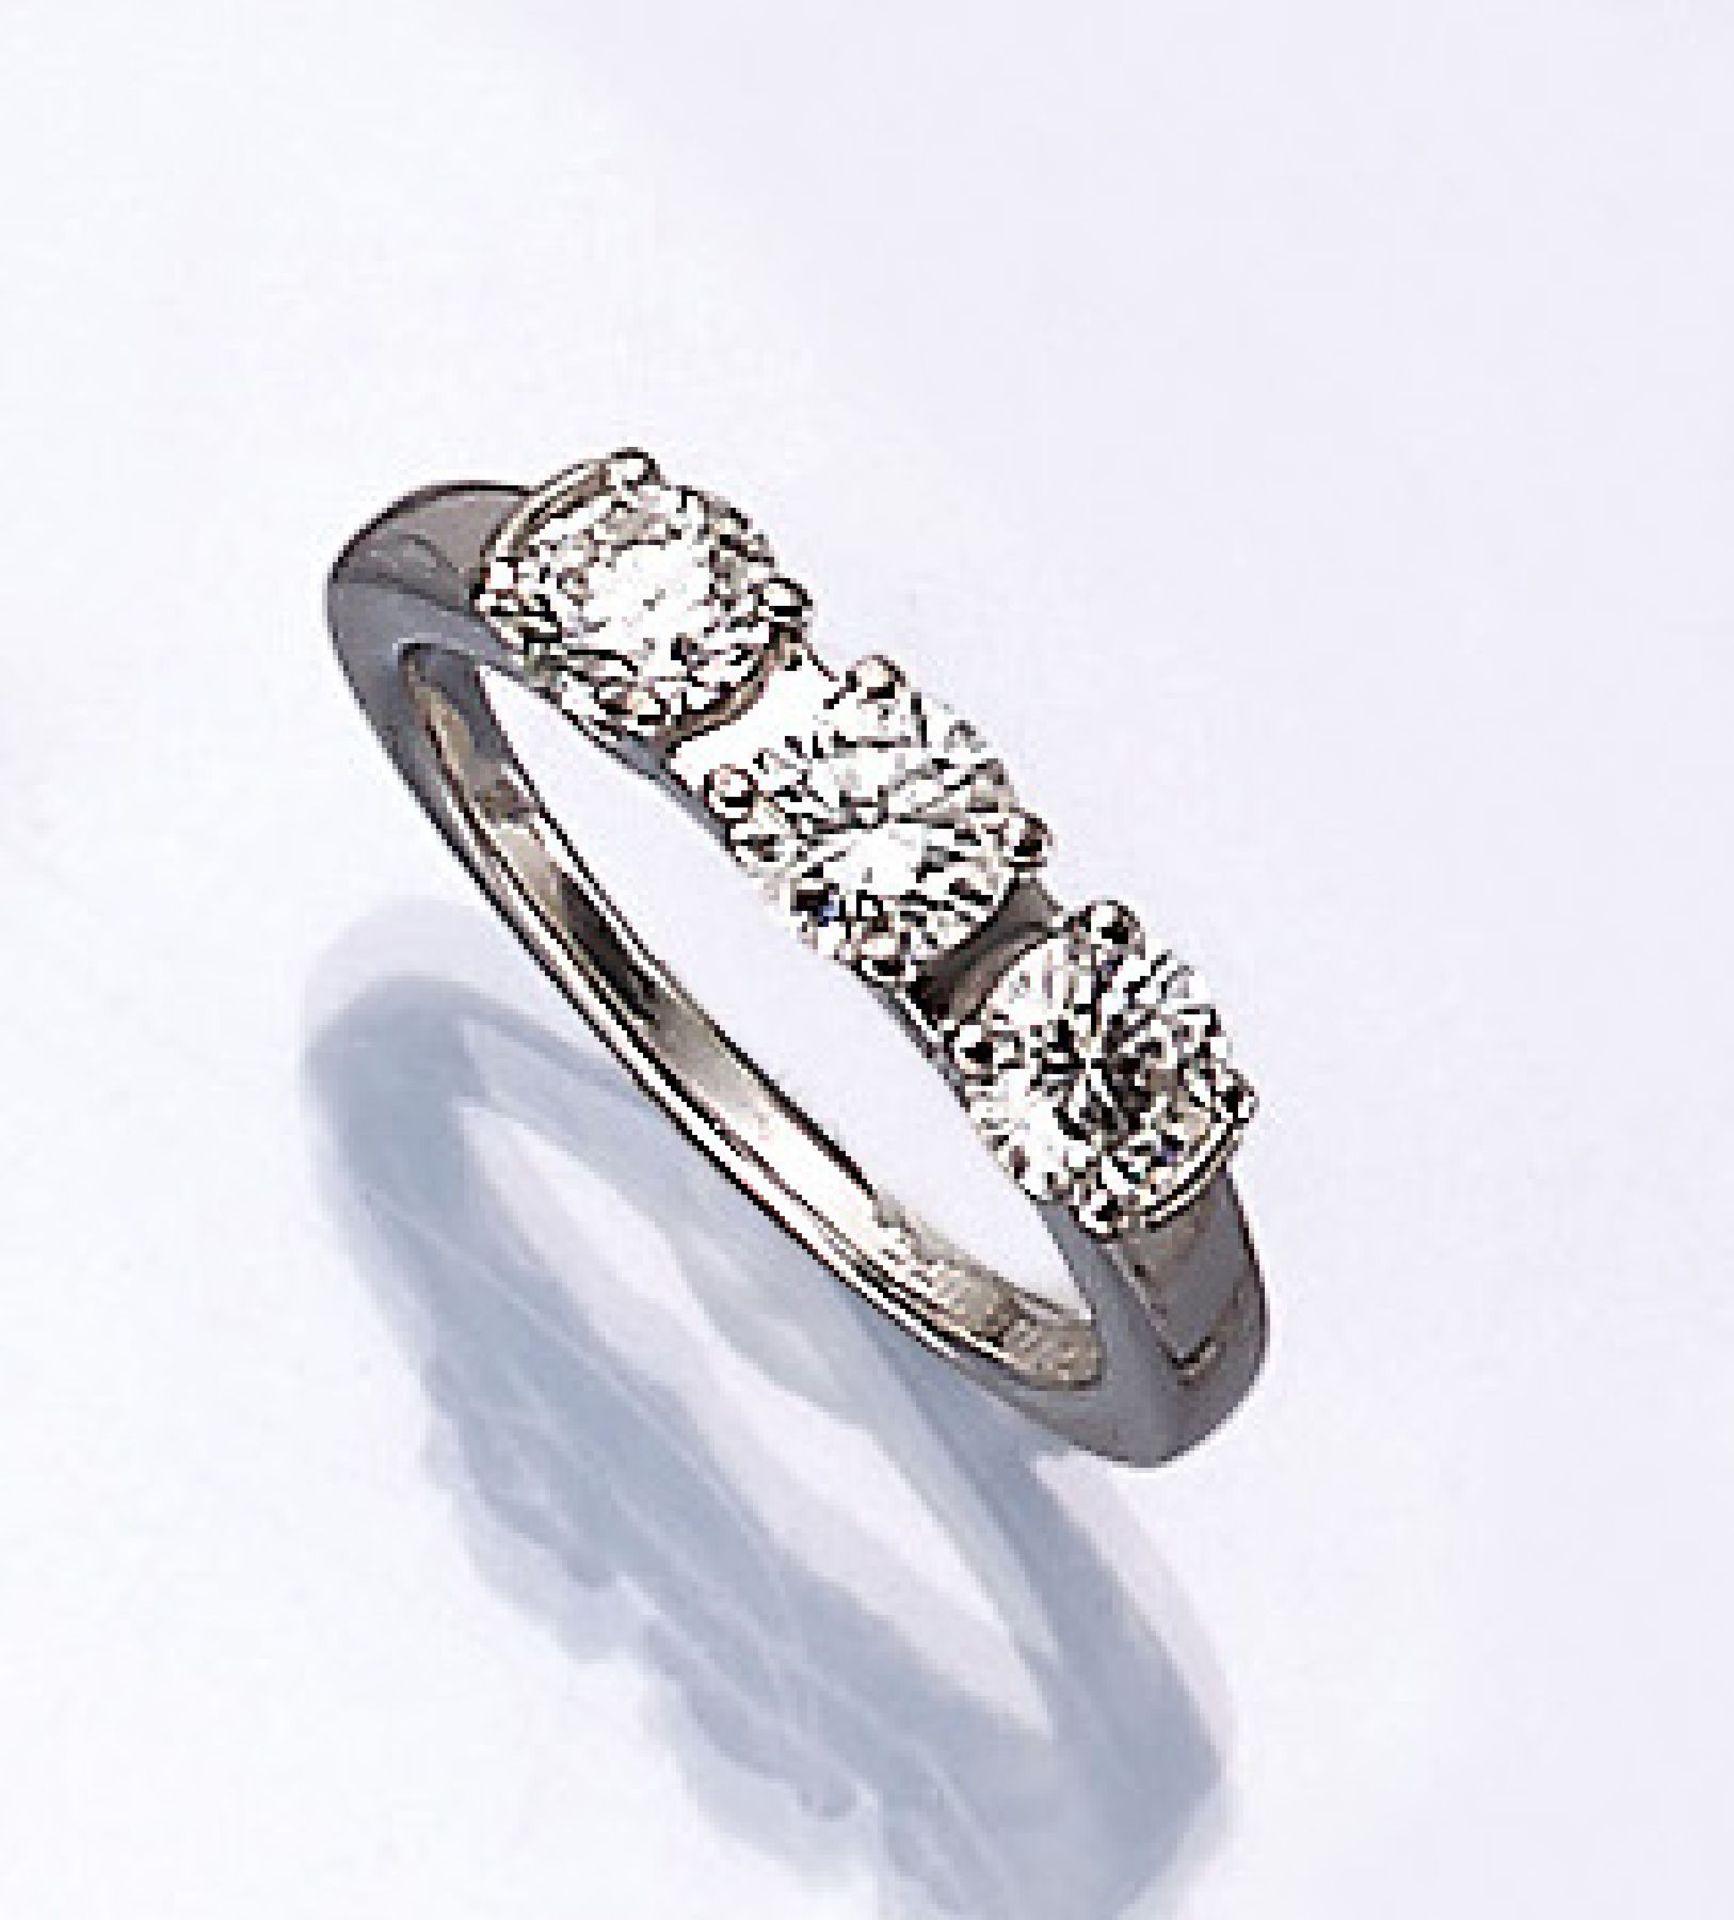 WEMPE Ring mit Brillanten, WG 750/000, 3 Brillanten zus. ca. 0.93 ct feines Weiß/lr, RW 47.5,